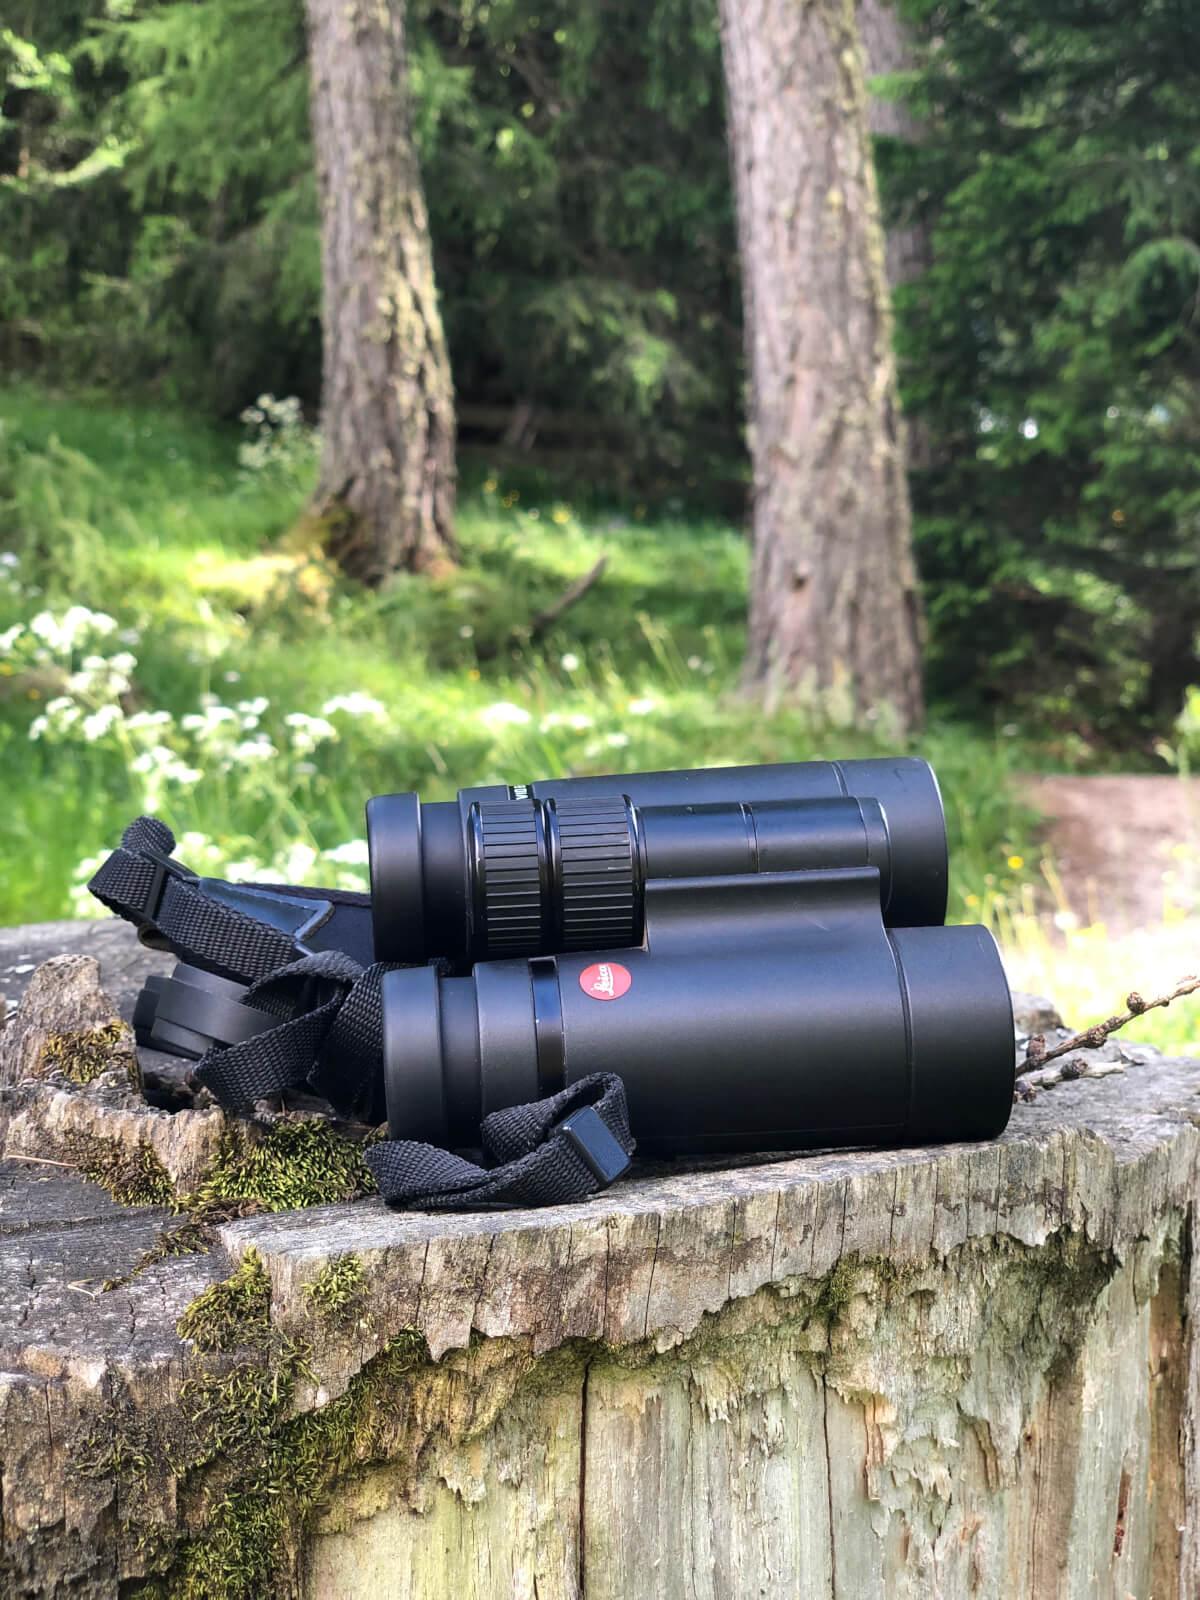 L'Ultravid 8x32 HD-Plus ha una ghiera centrale con messa a fuoco molto evidente per praticità d'uso anche con una mano. La meccanica è di altissima qualità, totalmente in metallo. Tatiana Chiavegato Leica Natura